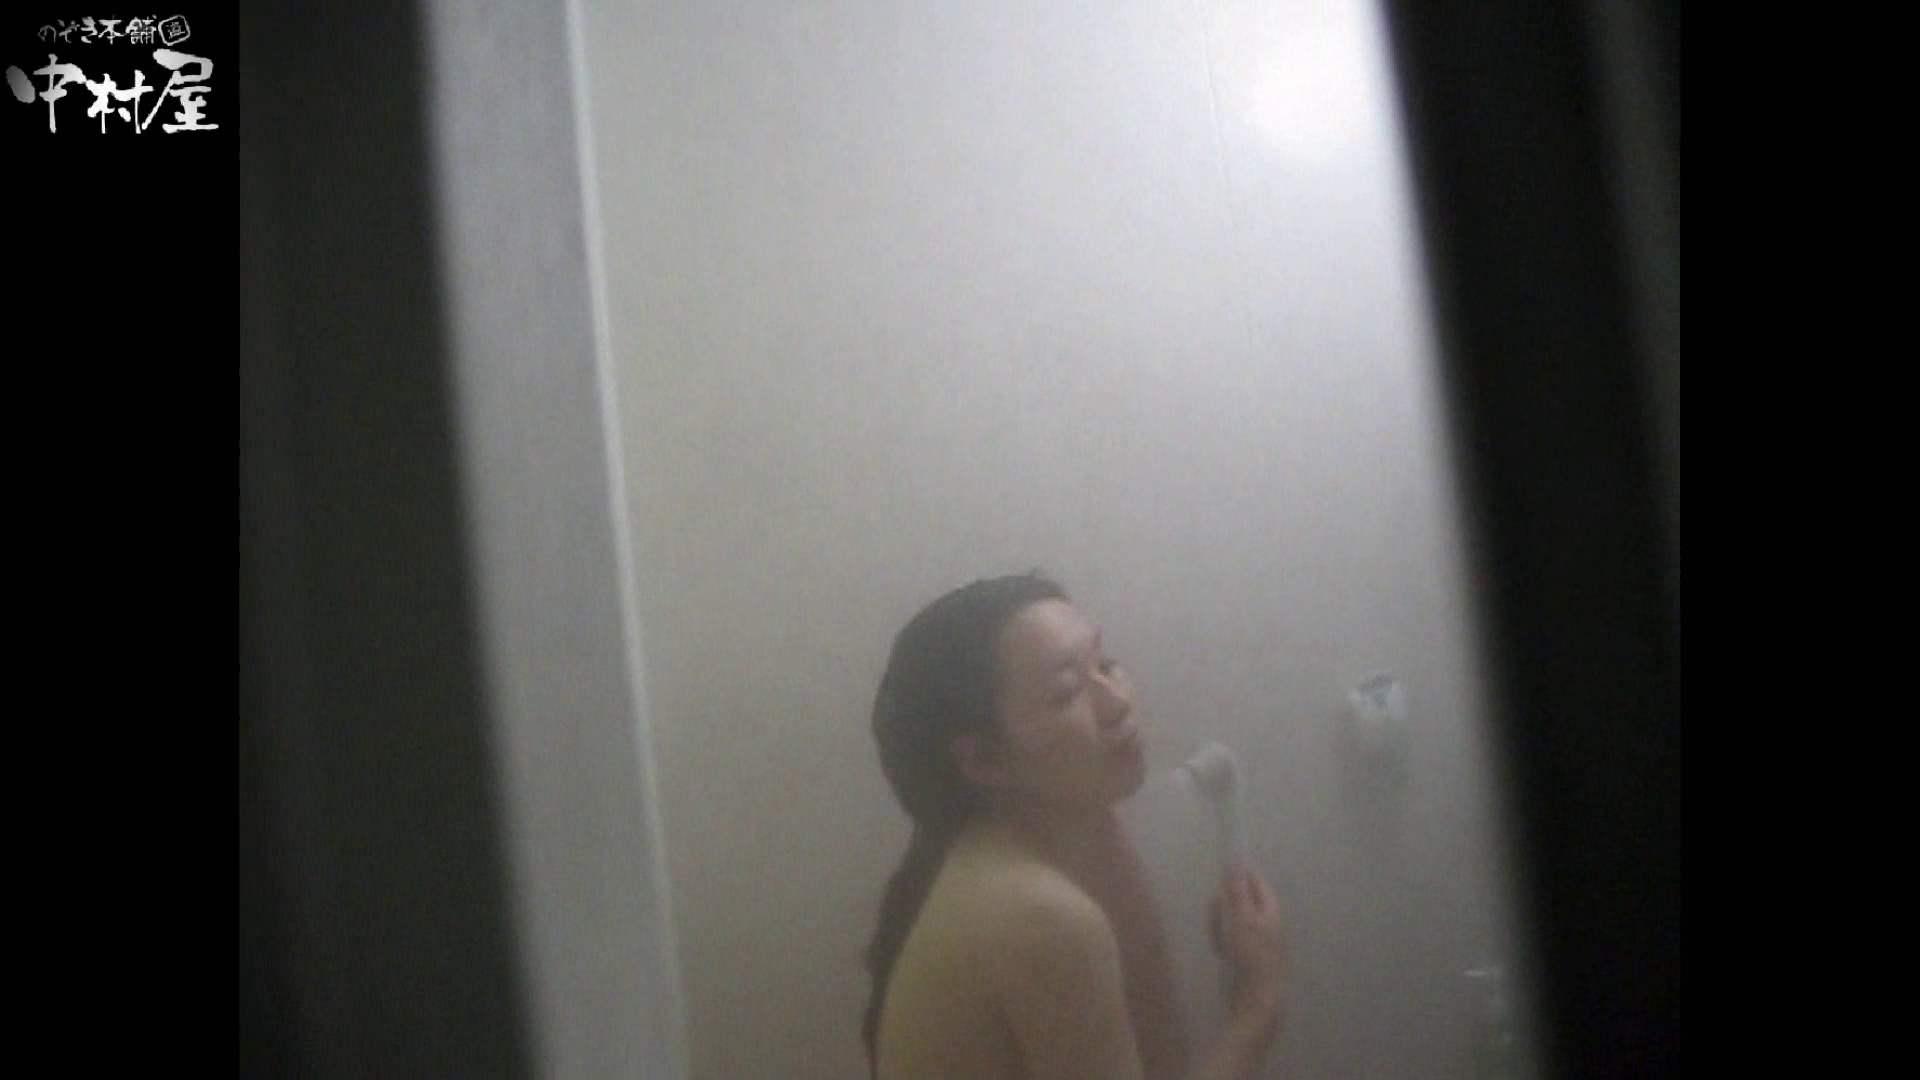 民家風呂専門盗撮師の超危険映像 vol.012 OLのエロ生活 おまんこ無修正動画無料 73連発 32